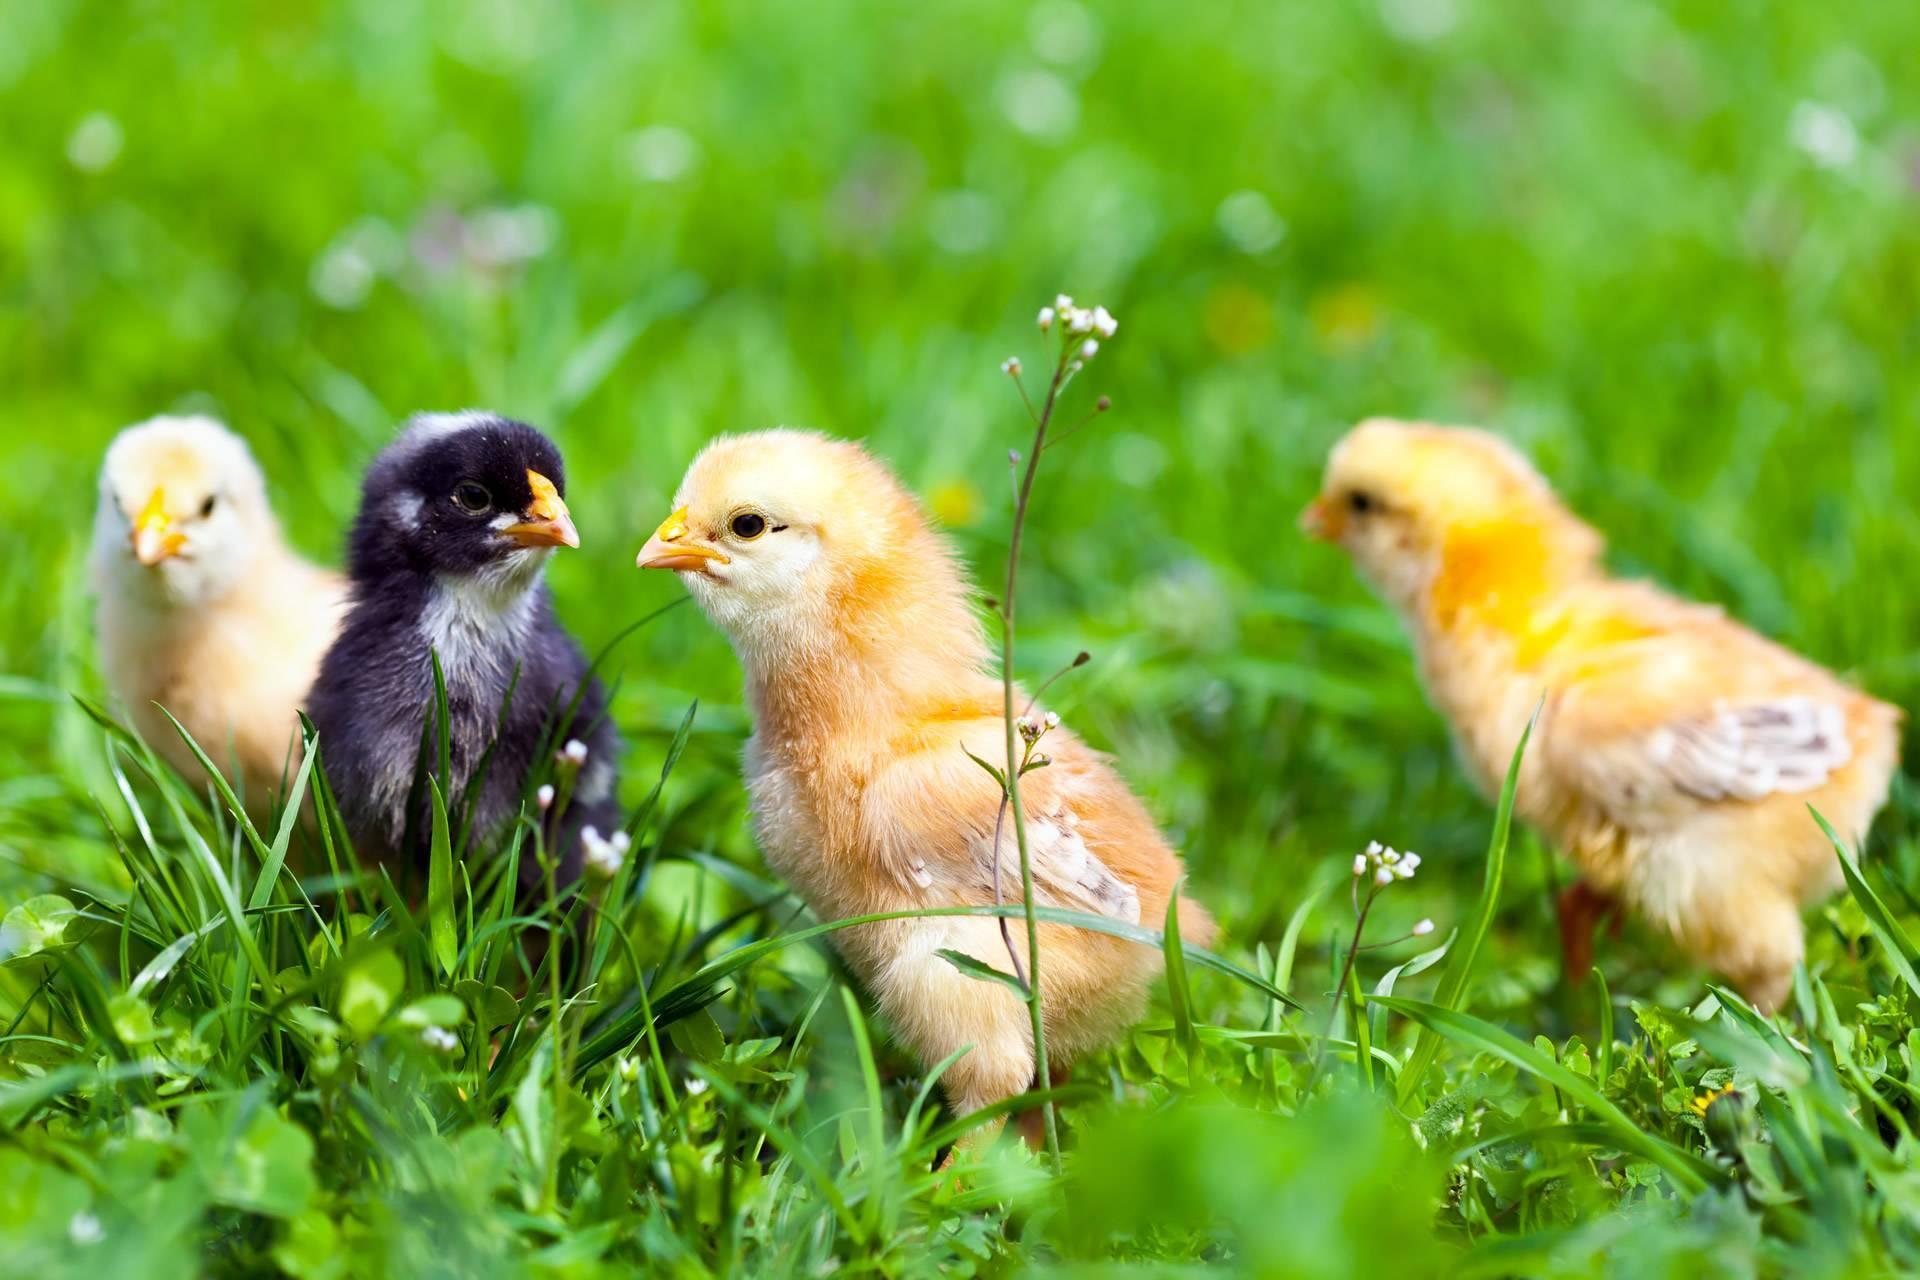 ✅ трава для цыплят: какую траву можно давать, в каком возрасте кормить зеленью - tehnomir32.ru